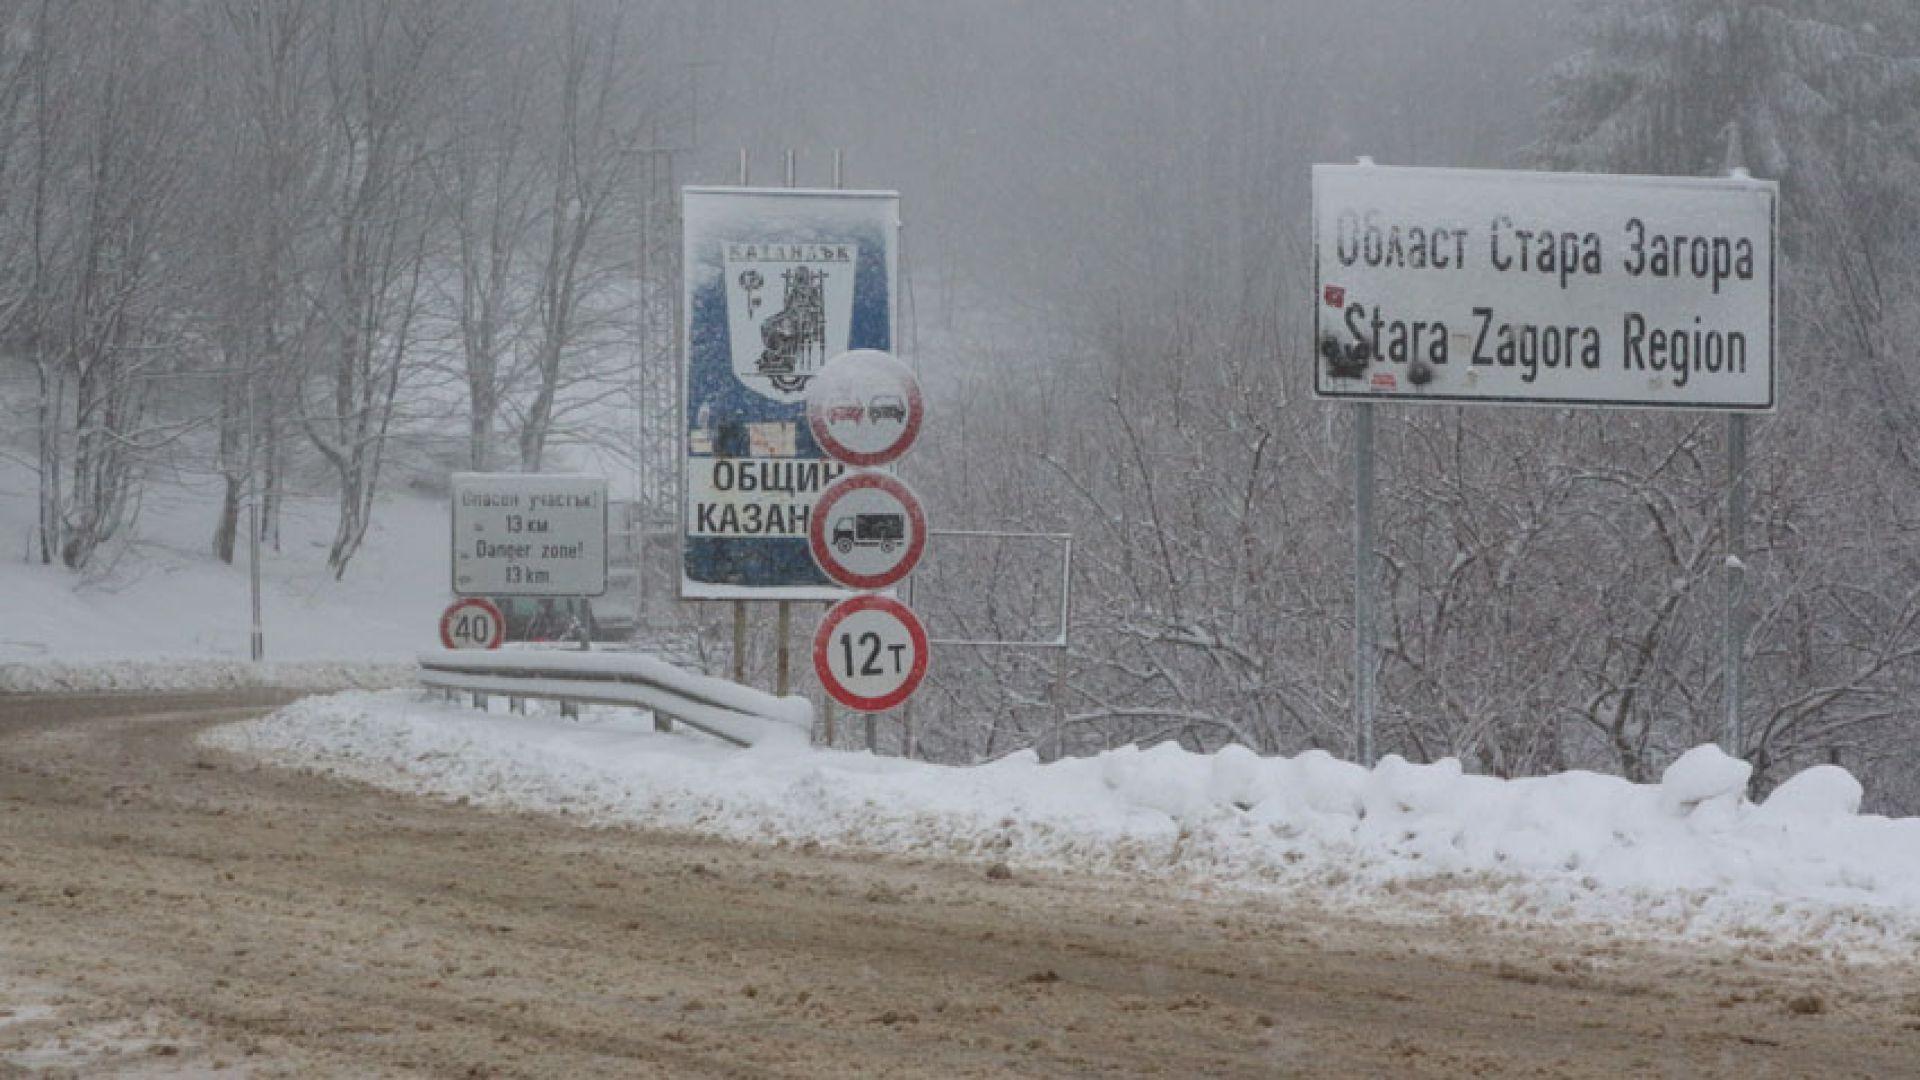 Автобус с румънци закъса в Хаинбоаз, всички проходи са в много тежко състояние